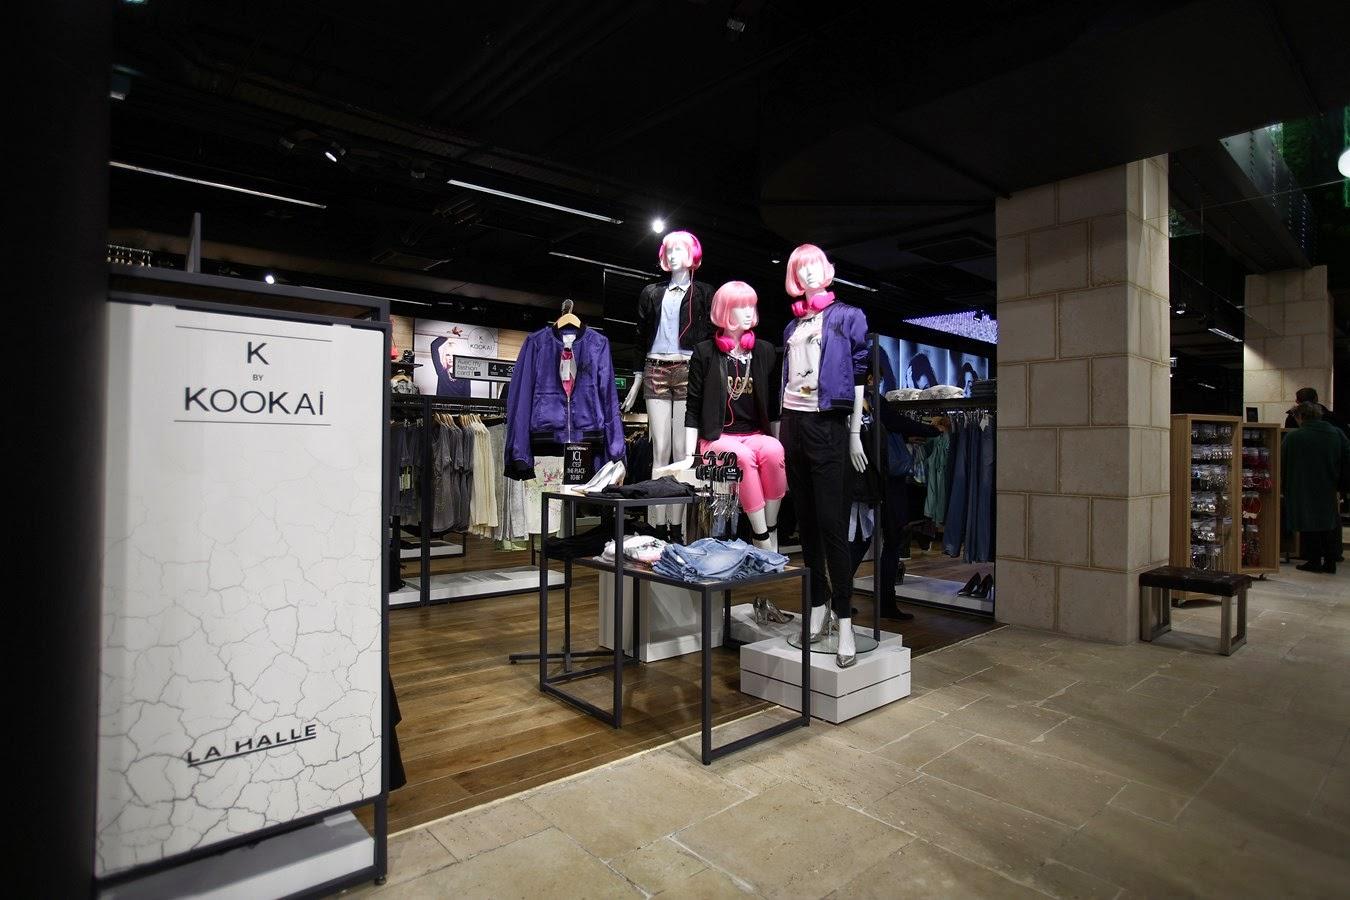 La-Halle, La-Halle-aux-vetements, Tony-parker, Tony Parker-La-Halle, Tony-Parker-Wap-Two, La-Halle-Jenifer, Chevignon, Creeks, Liberto, Pataugas, La-Halle-Kookai, naf-naf, vivarte, comme-les-françaises-sont jolies, egerie-la-halle, du-dessin-aux-podiums, dudessinauxpodiums, mode-a-petits-prix, mode-femme, mode-fashion-femme, vetements, vetements-femme, blog-mode, mode-a-toi, mod, robes, robe, lahalle, womenswear, menswear, vetement-homme, chaussures-pas-cher, vetement-enfant, jupe, site-vetement-femme, vente-en-ligne-vetement, sous-vetement-feminin, vetements-femmes-pas-cher, vetement-a-la-mode